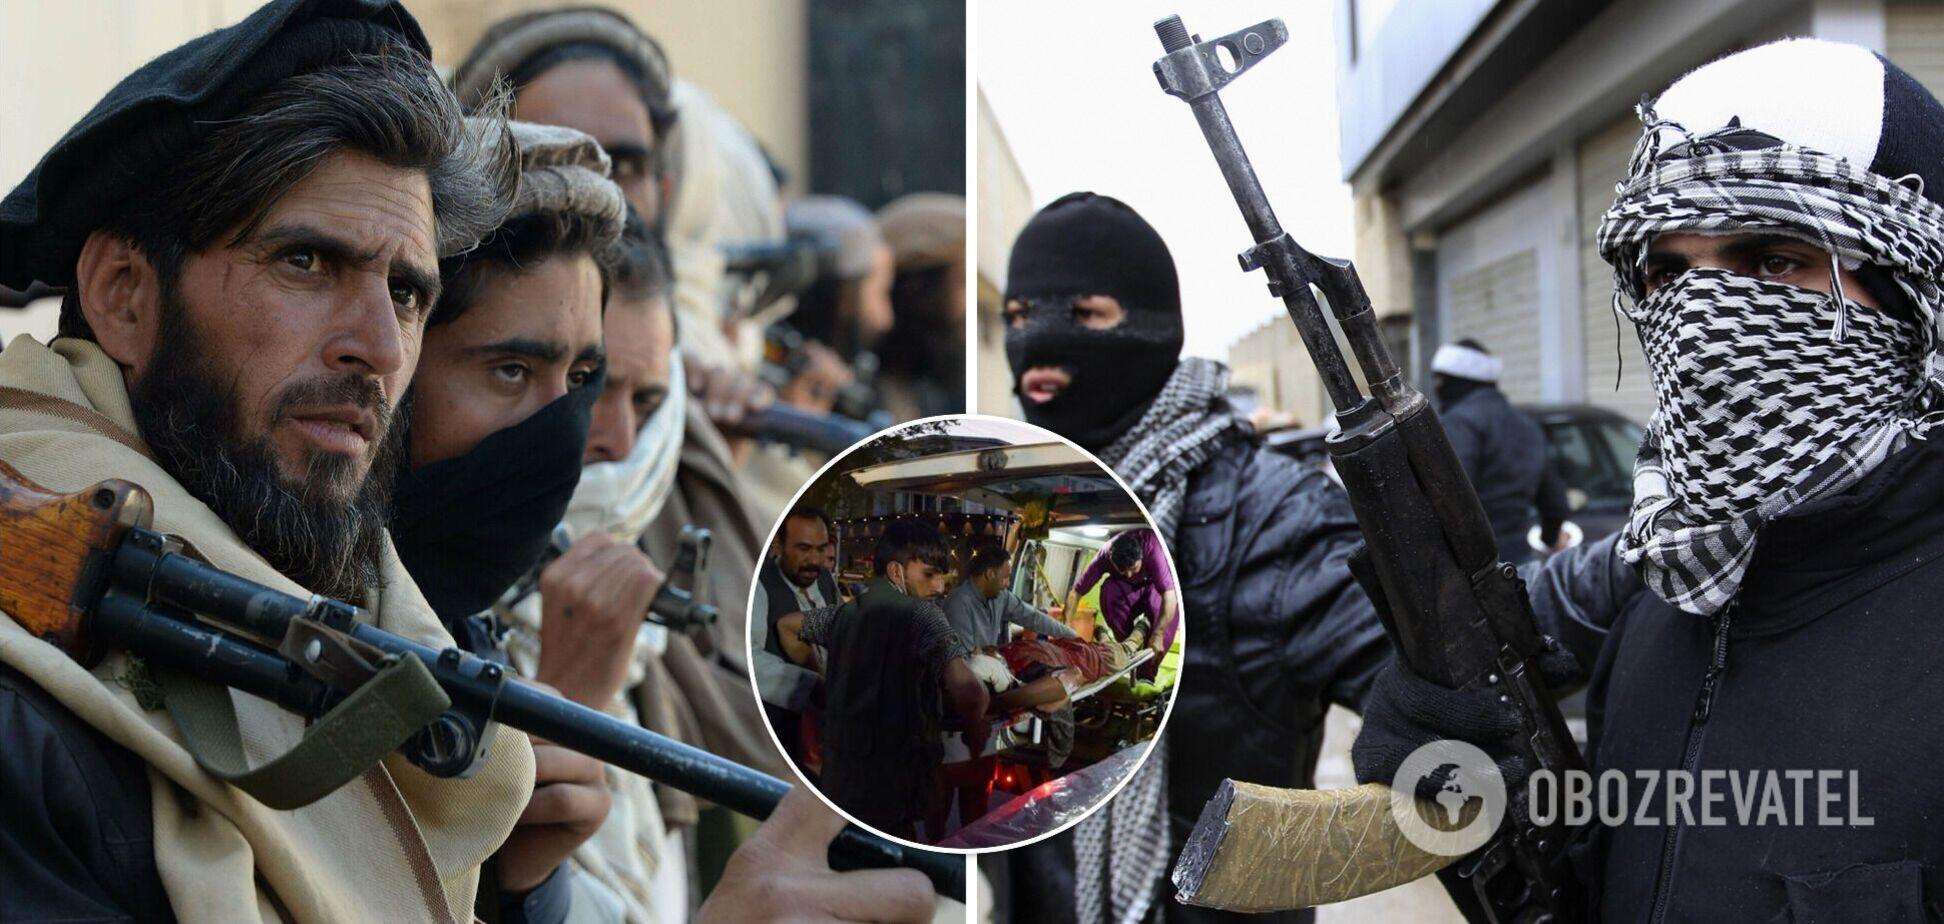 Терористи ІД влаштували криваві вибухи в Кабулі: хто вони і чому ворогують з 'Талібаном'